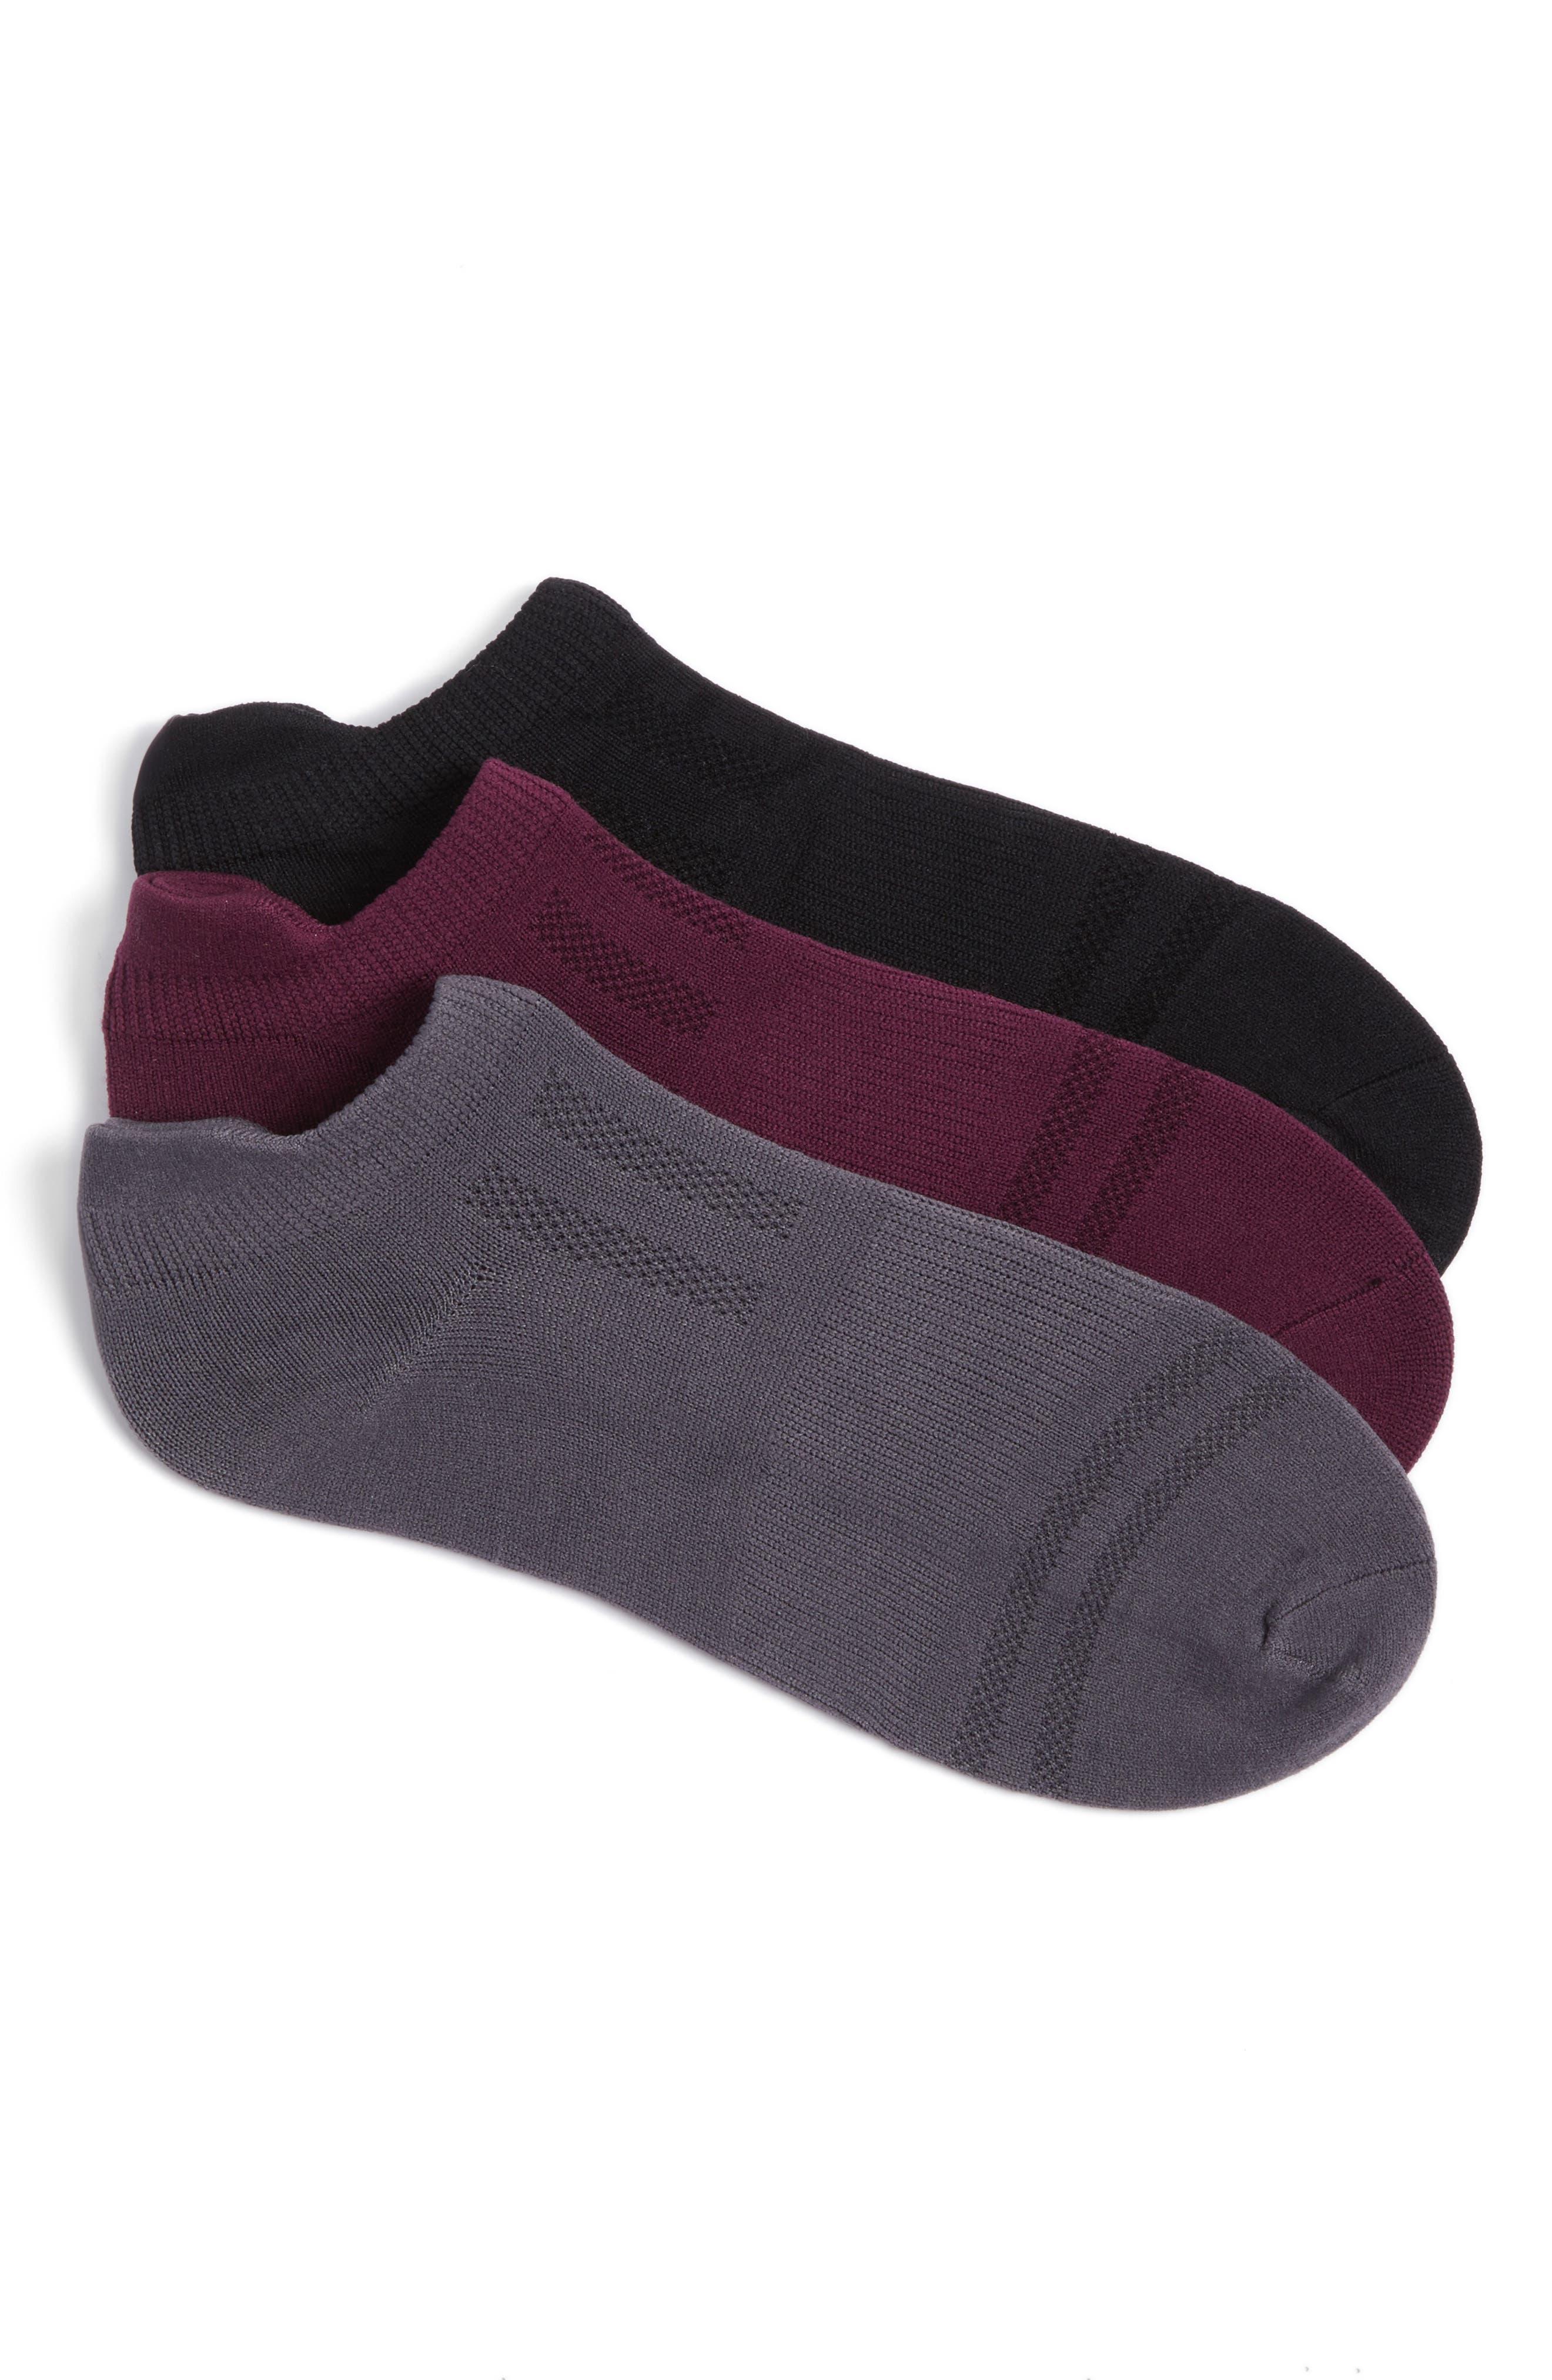 Sof Sole 3-Pack Low Cut Socks